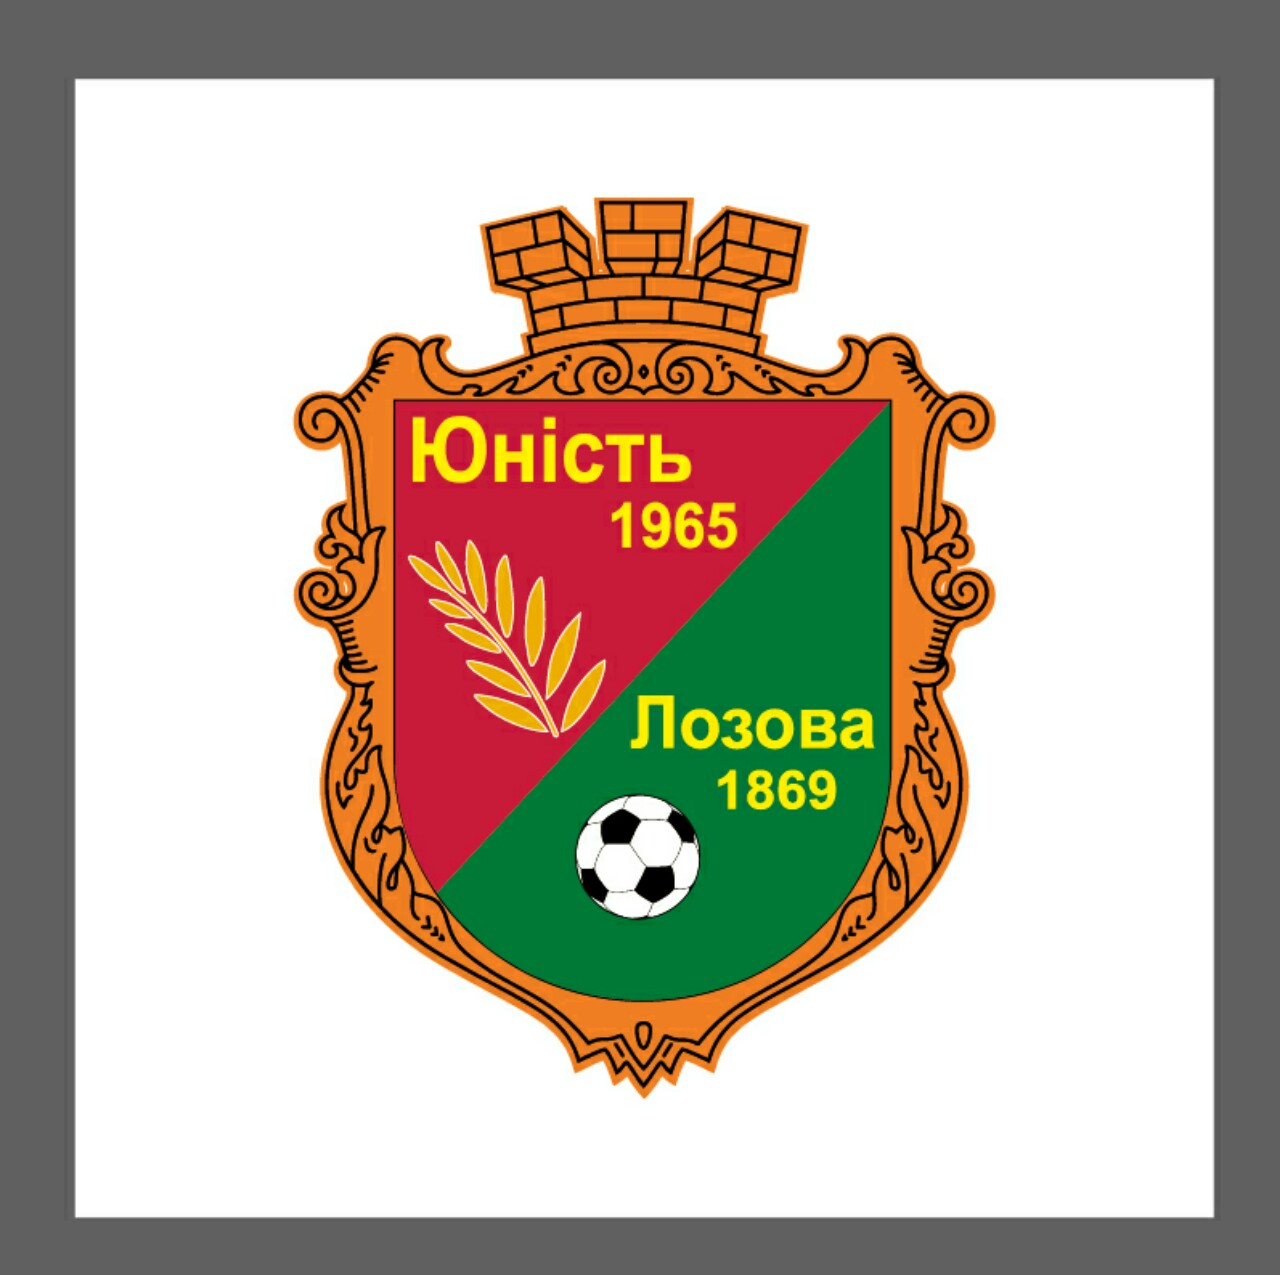 ДЮСШ «Юність» м.Лозова, Харківська обл.